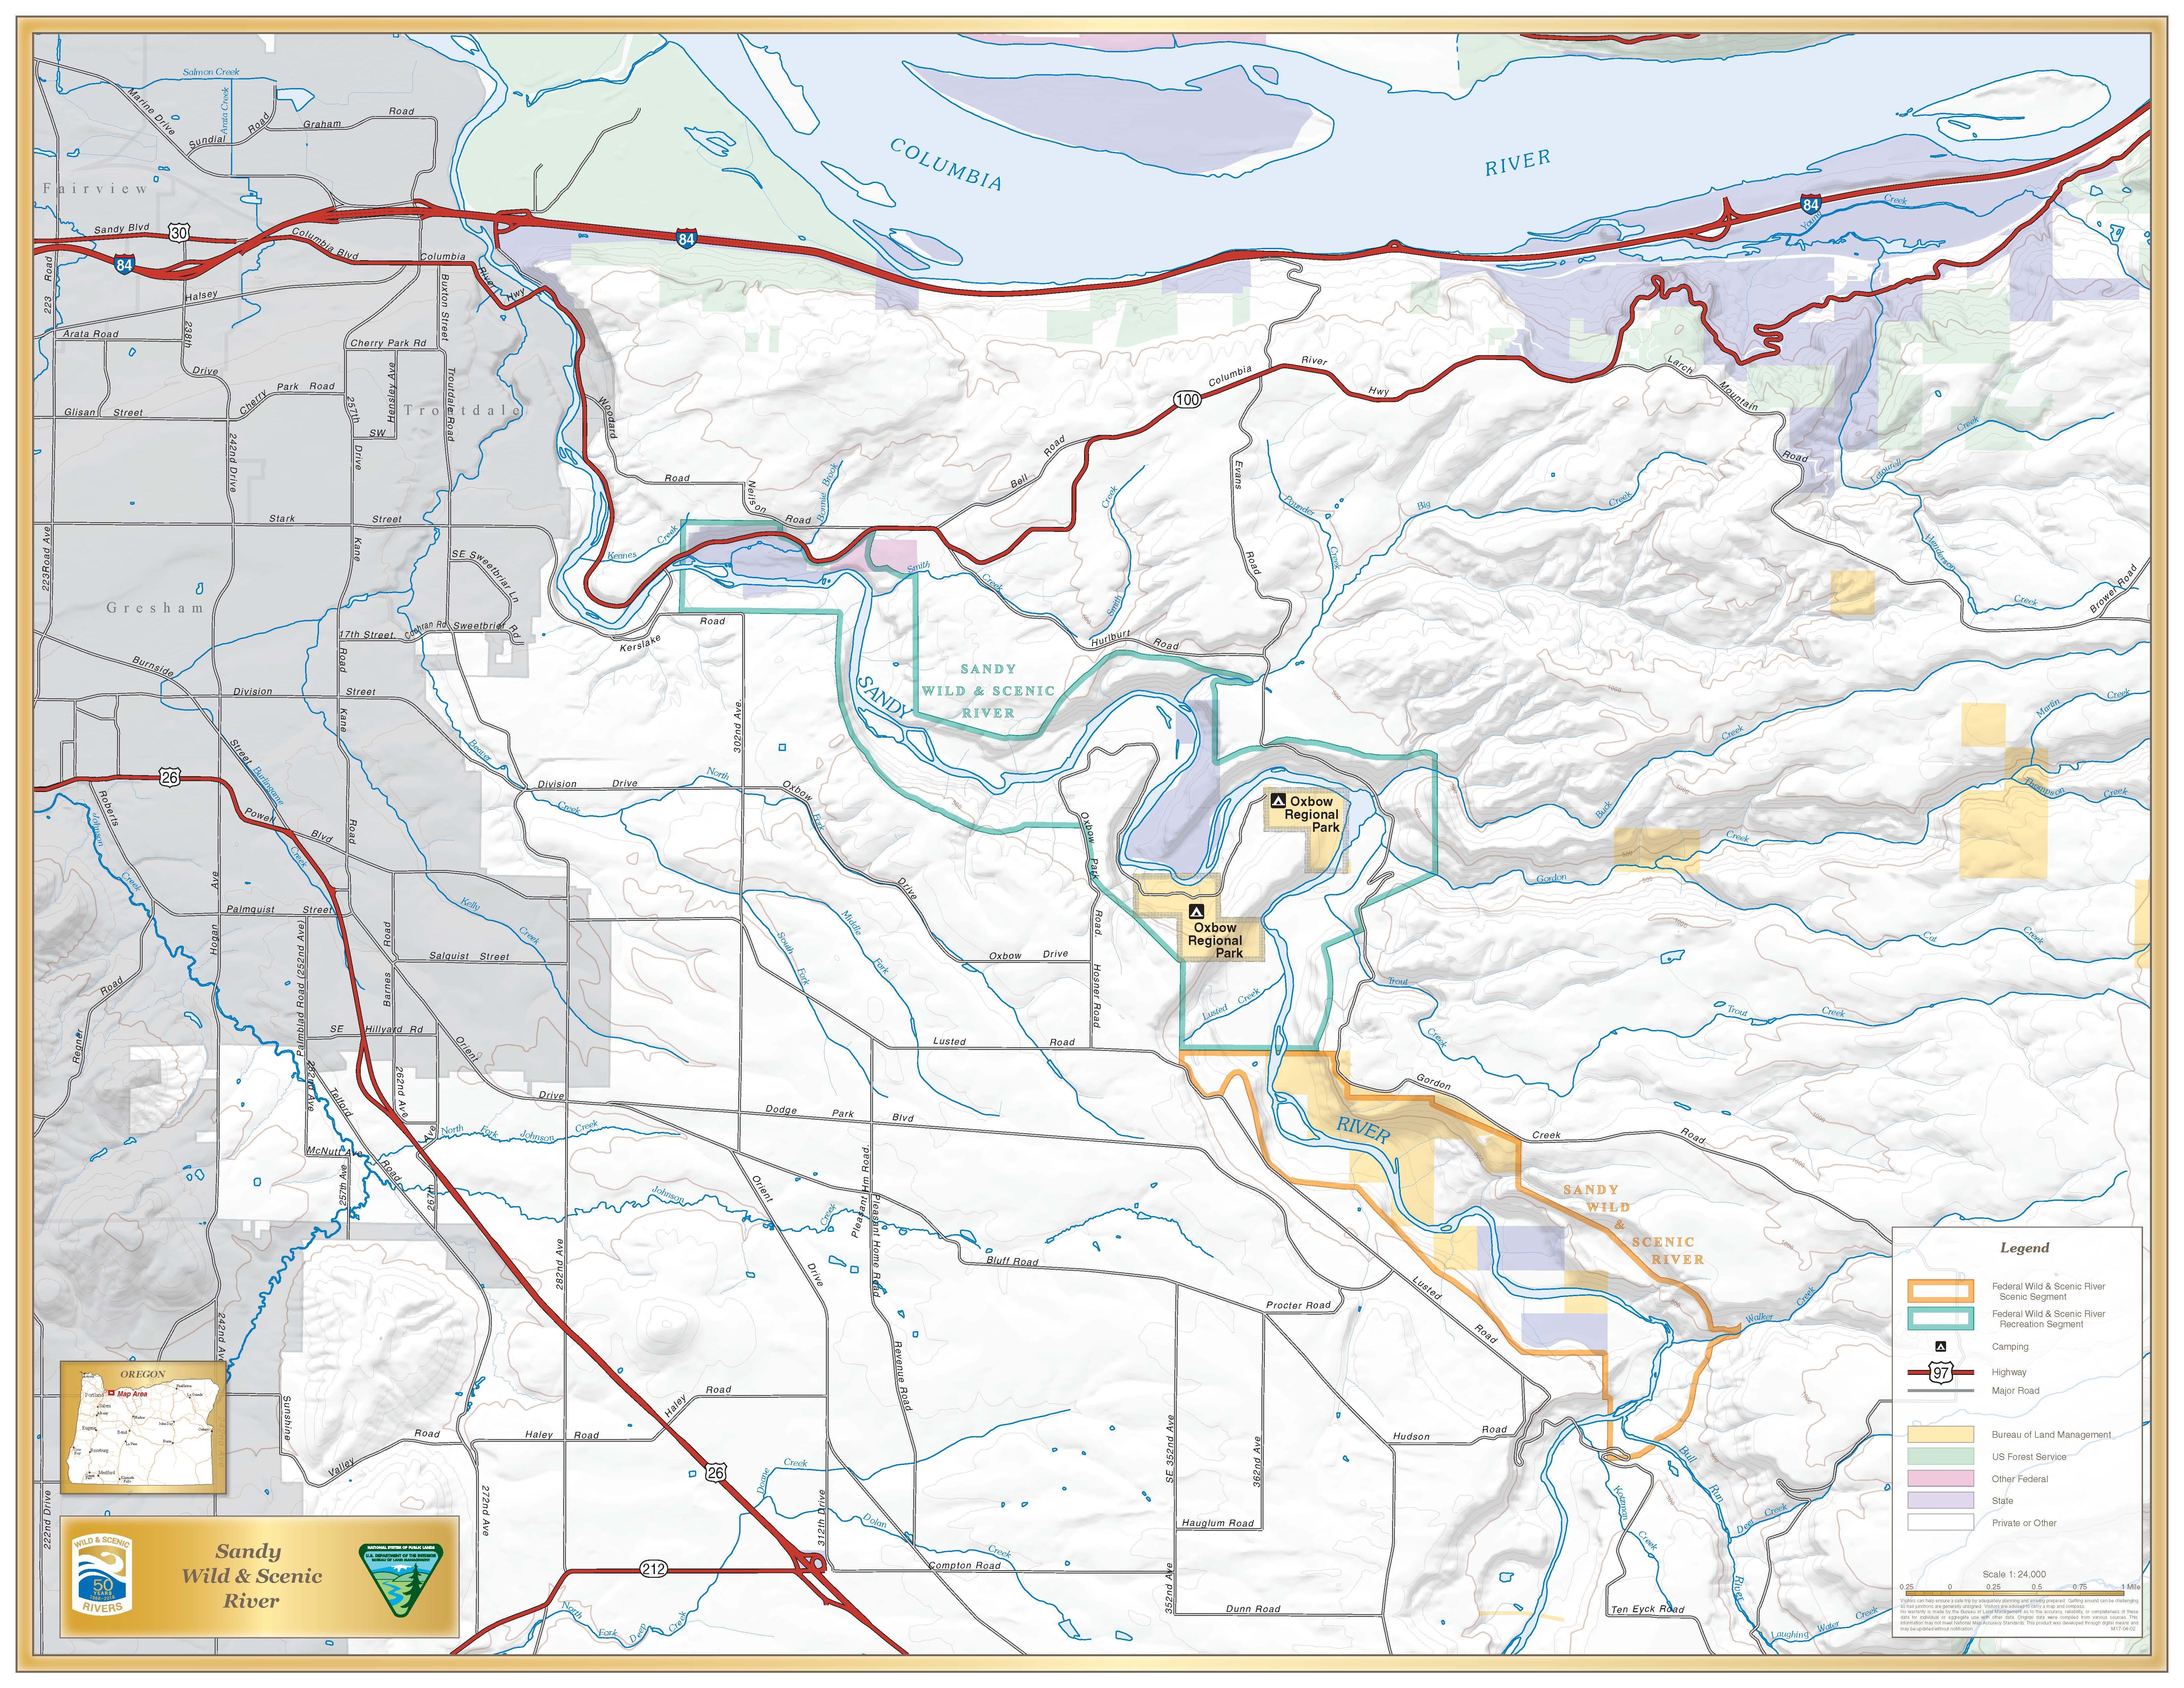 Sandy River Oregon Wild Scenic